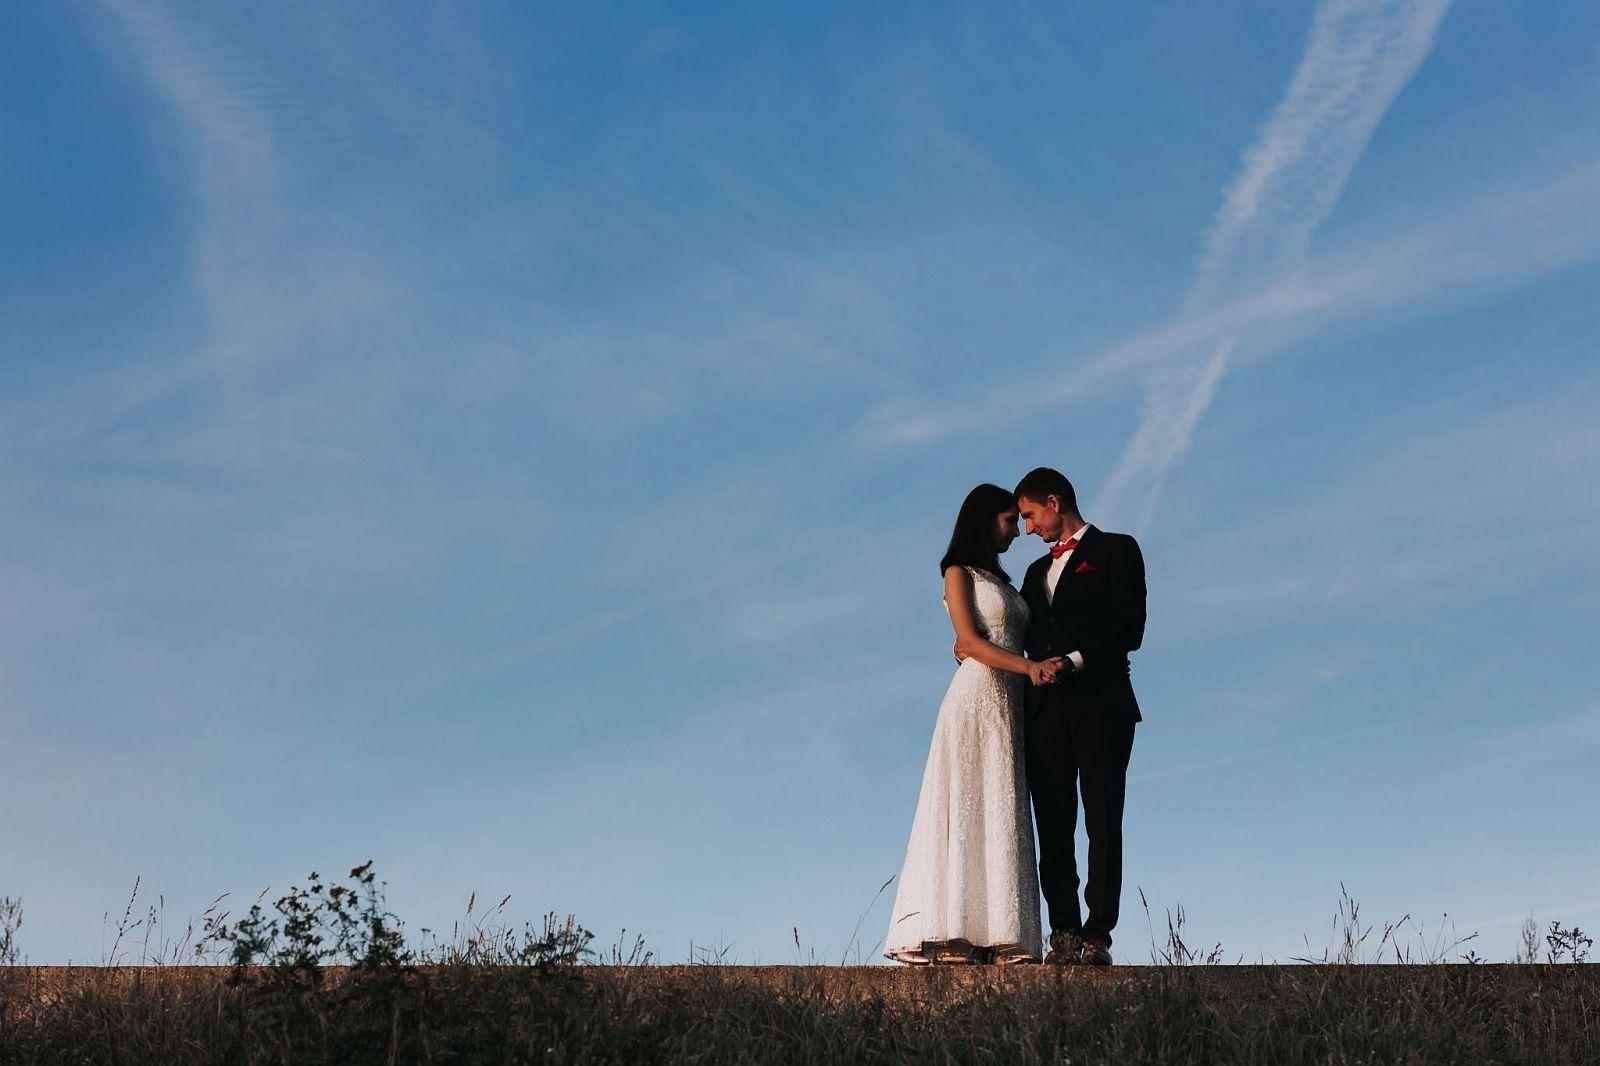 sesja ślubna w lesie na bulwarach przy zachodzie słońca